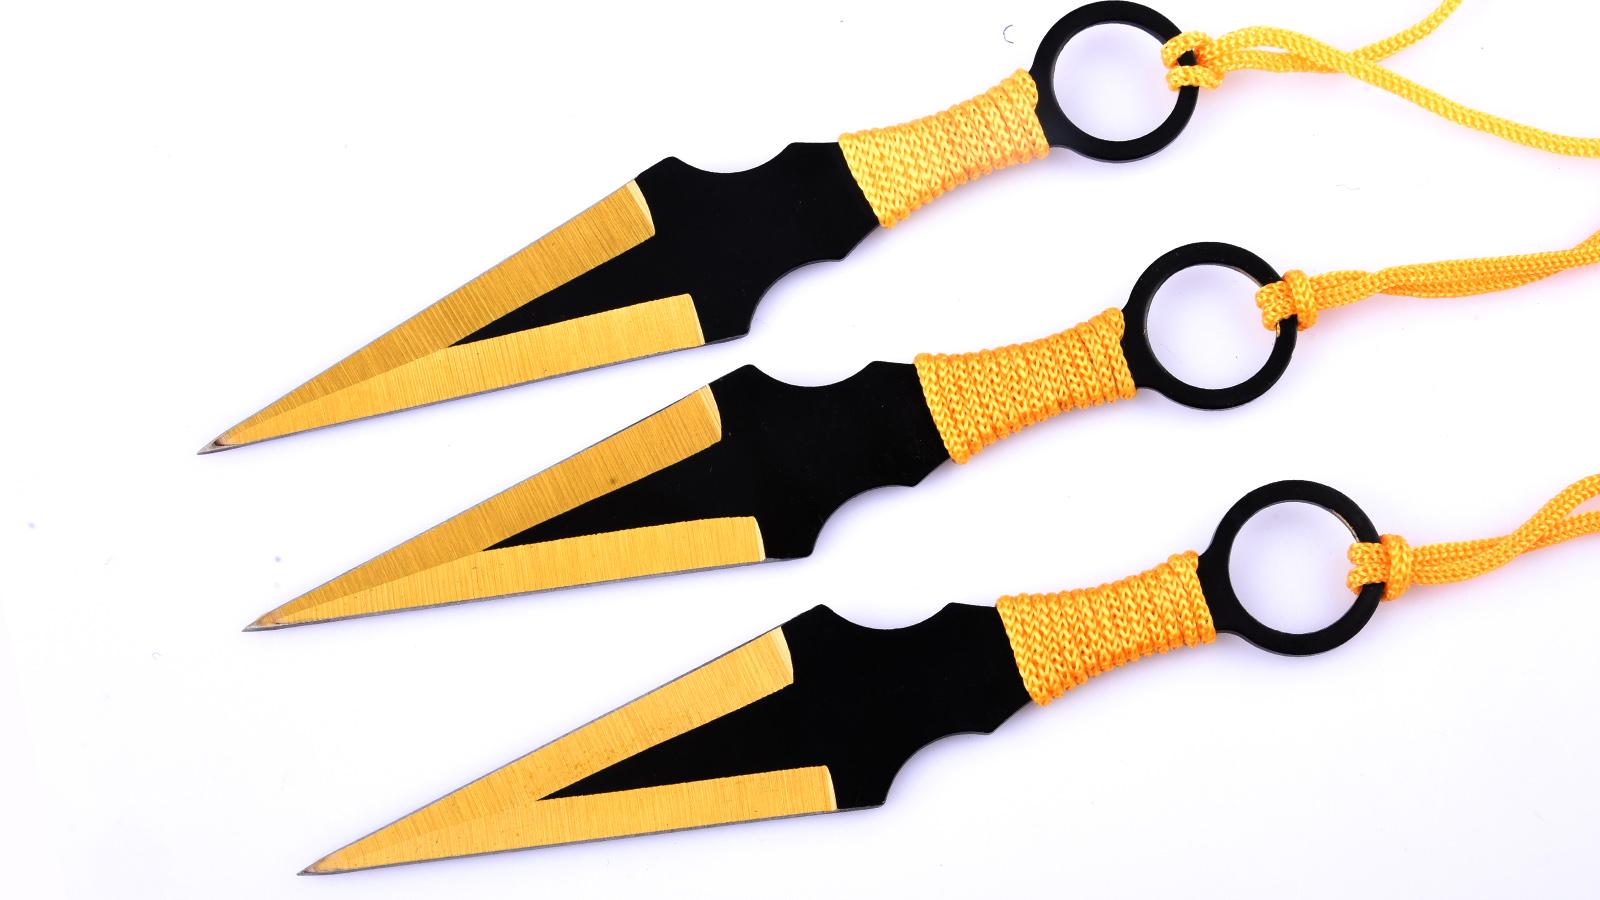 Купить метательные ножи Кунай с доставкой по всей стране